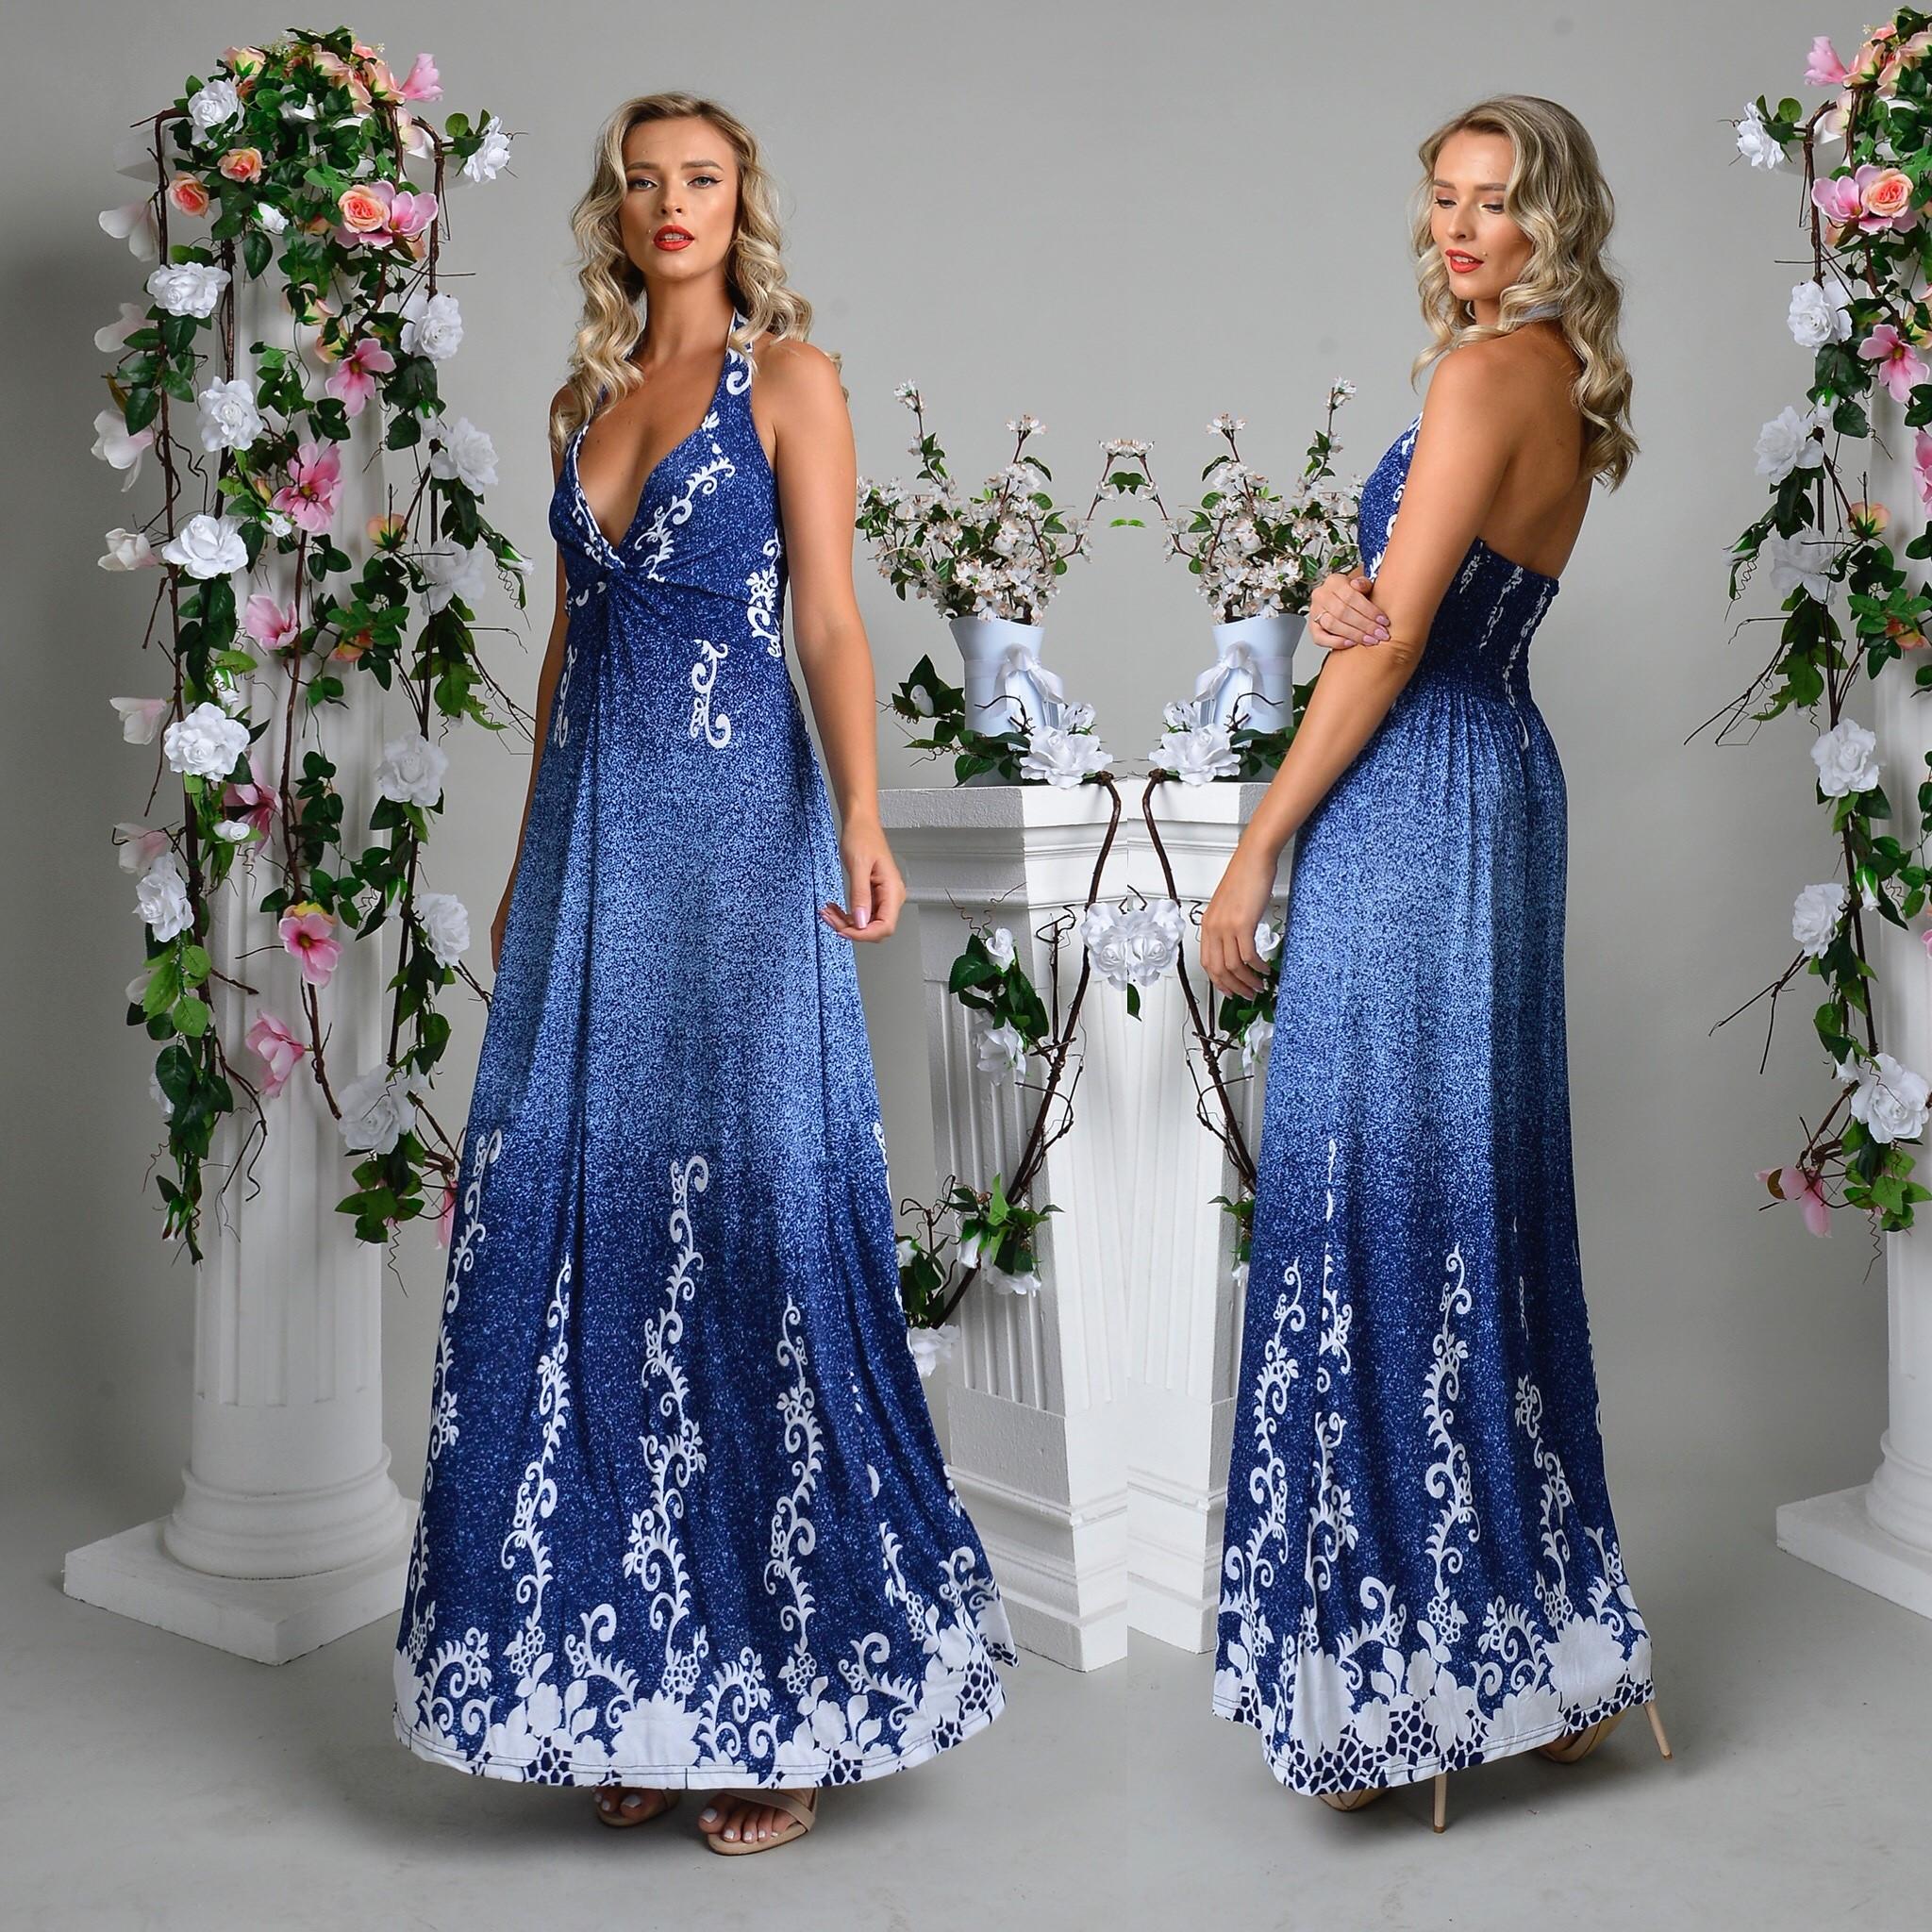 Rochie lunga albastra cu imprimeu